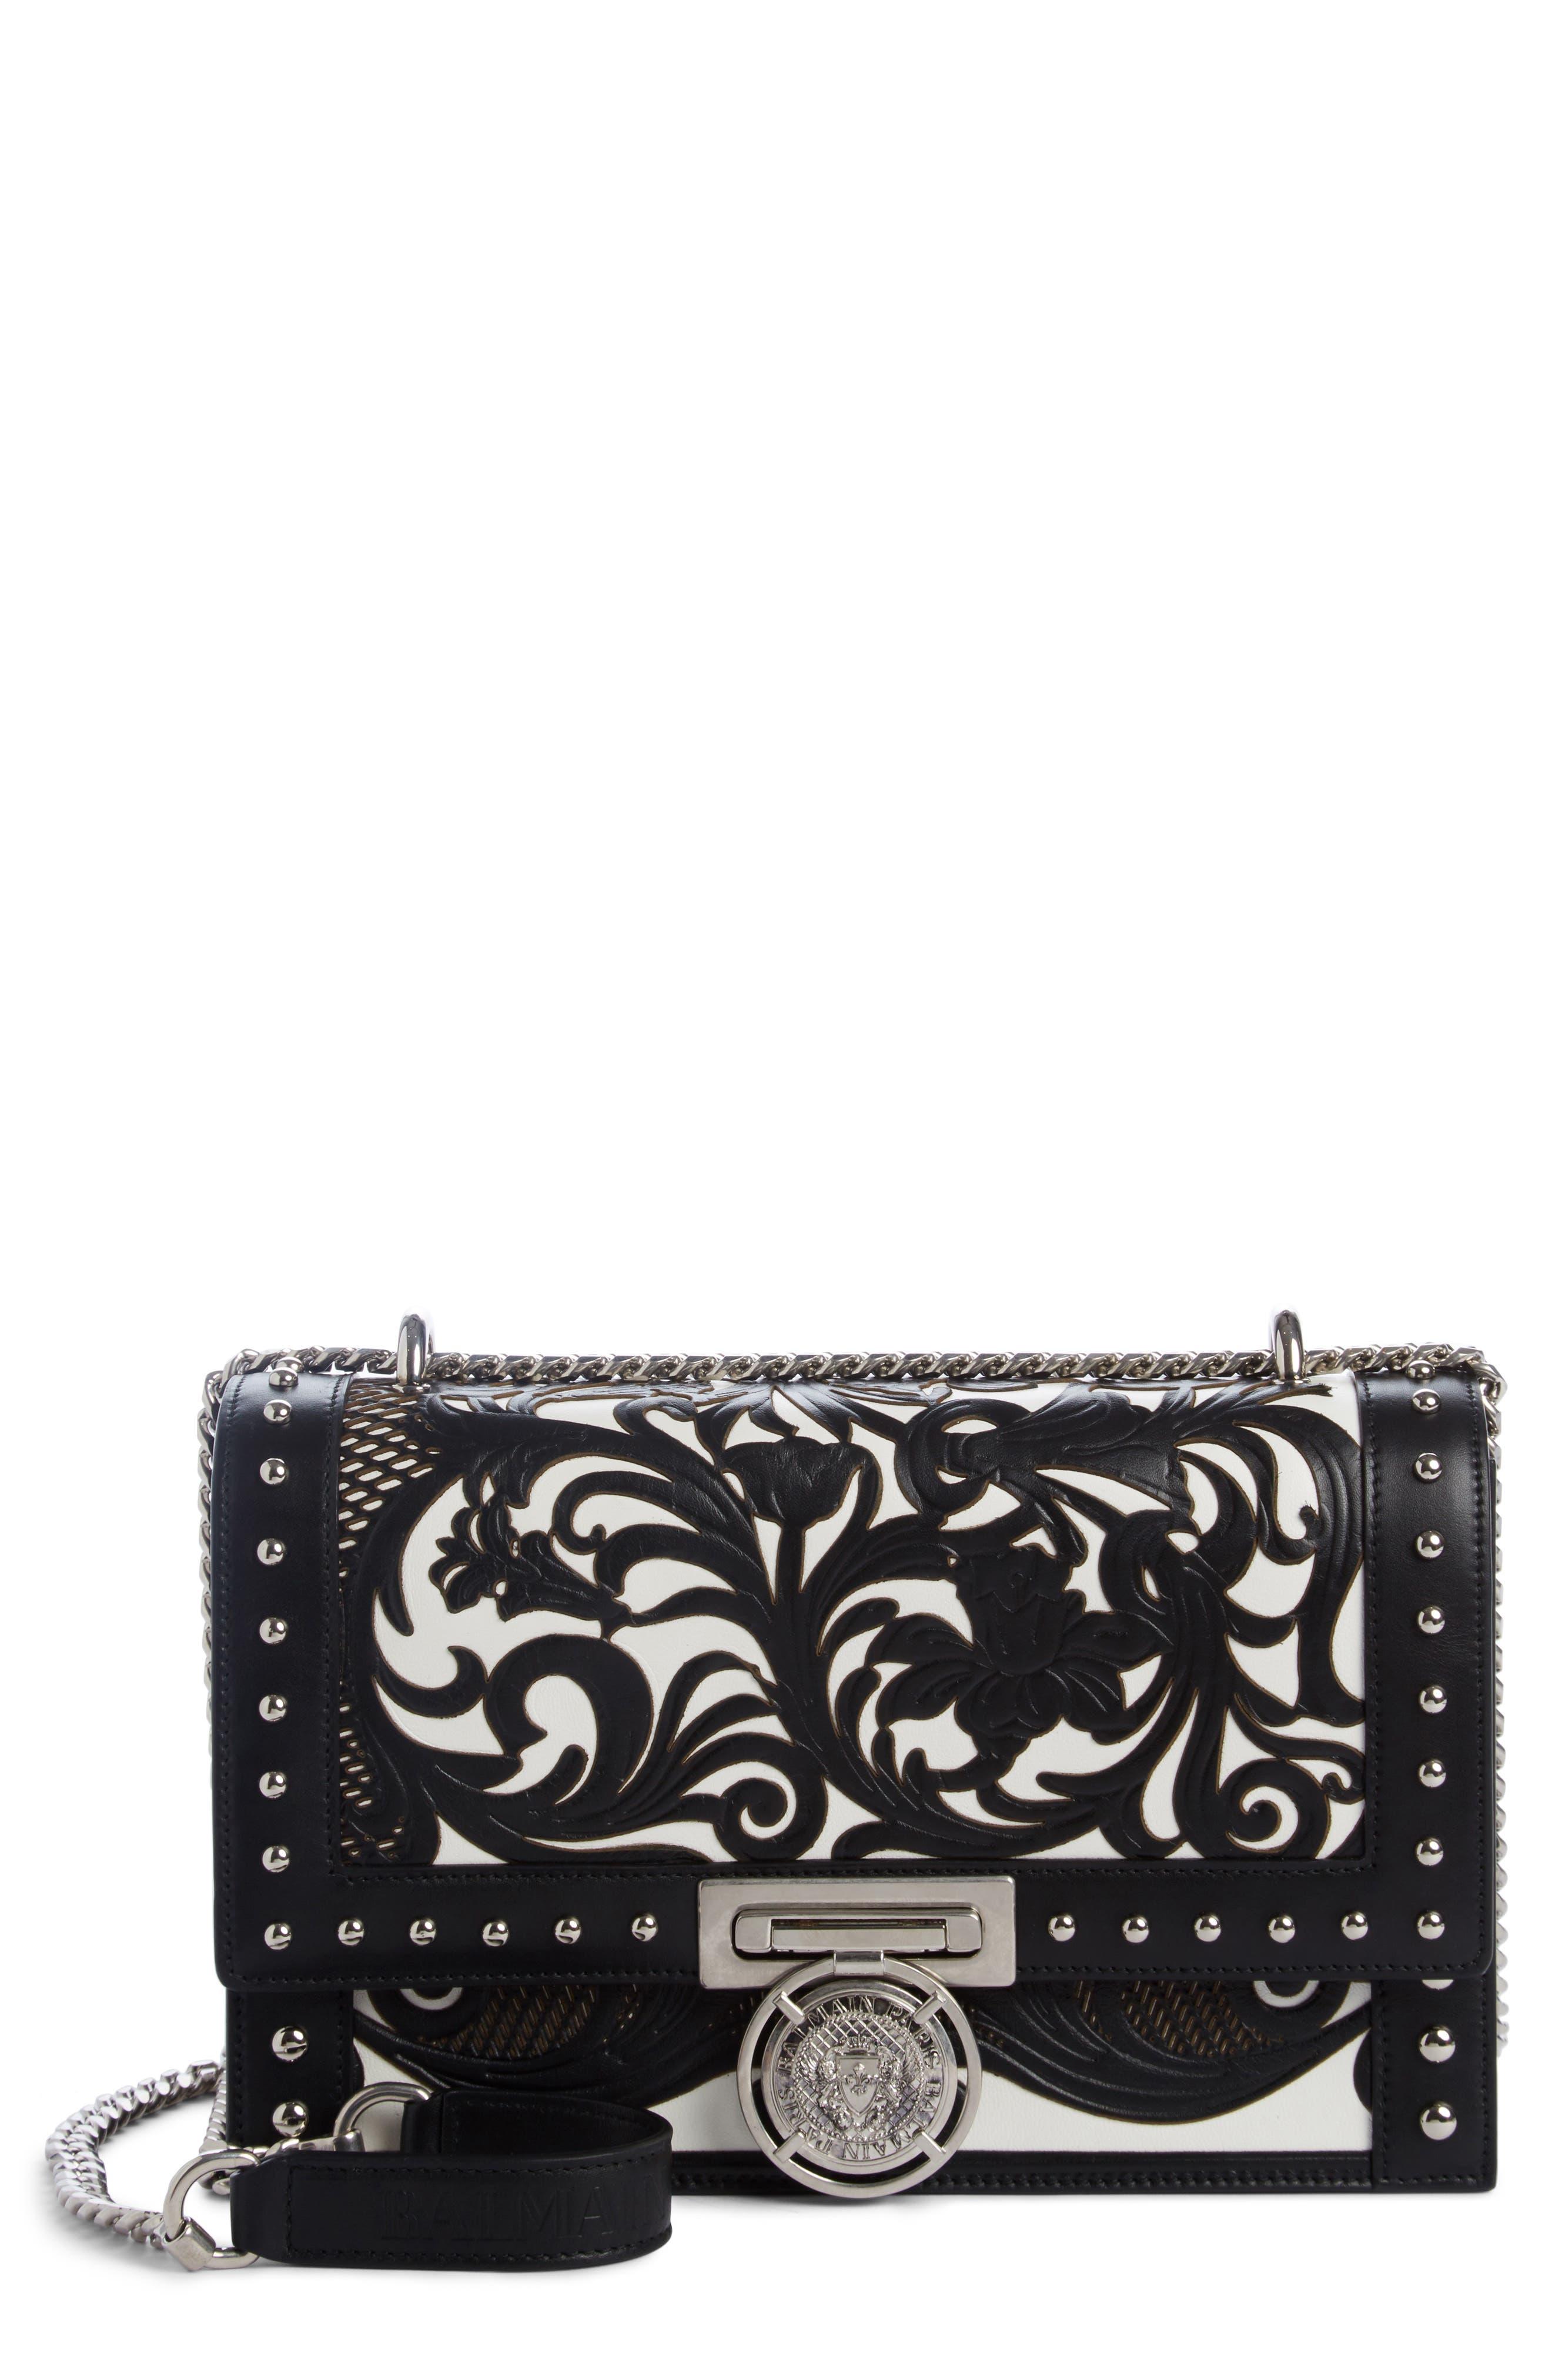 Box Laser Cut Floral Leather Shoulder Bag,                             Main thumbnail 1, color,                             Noir/ Blanc